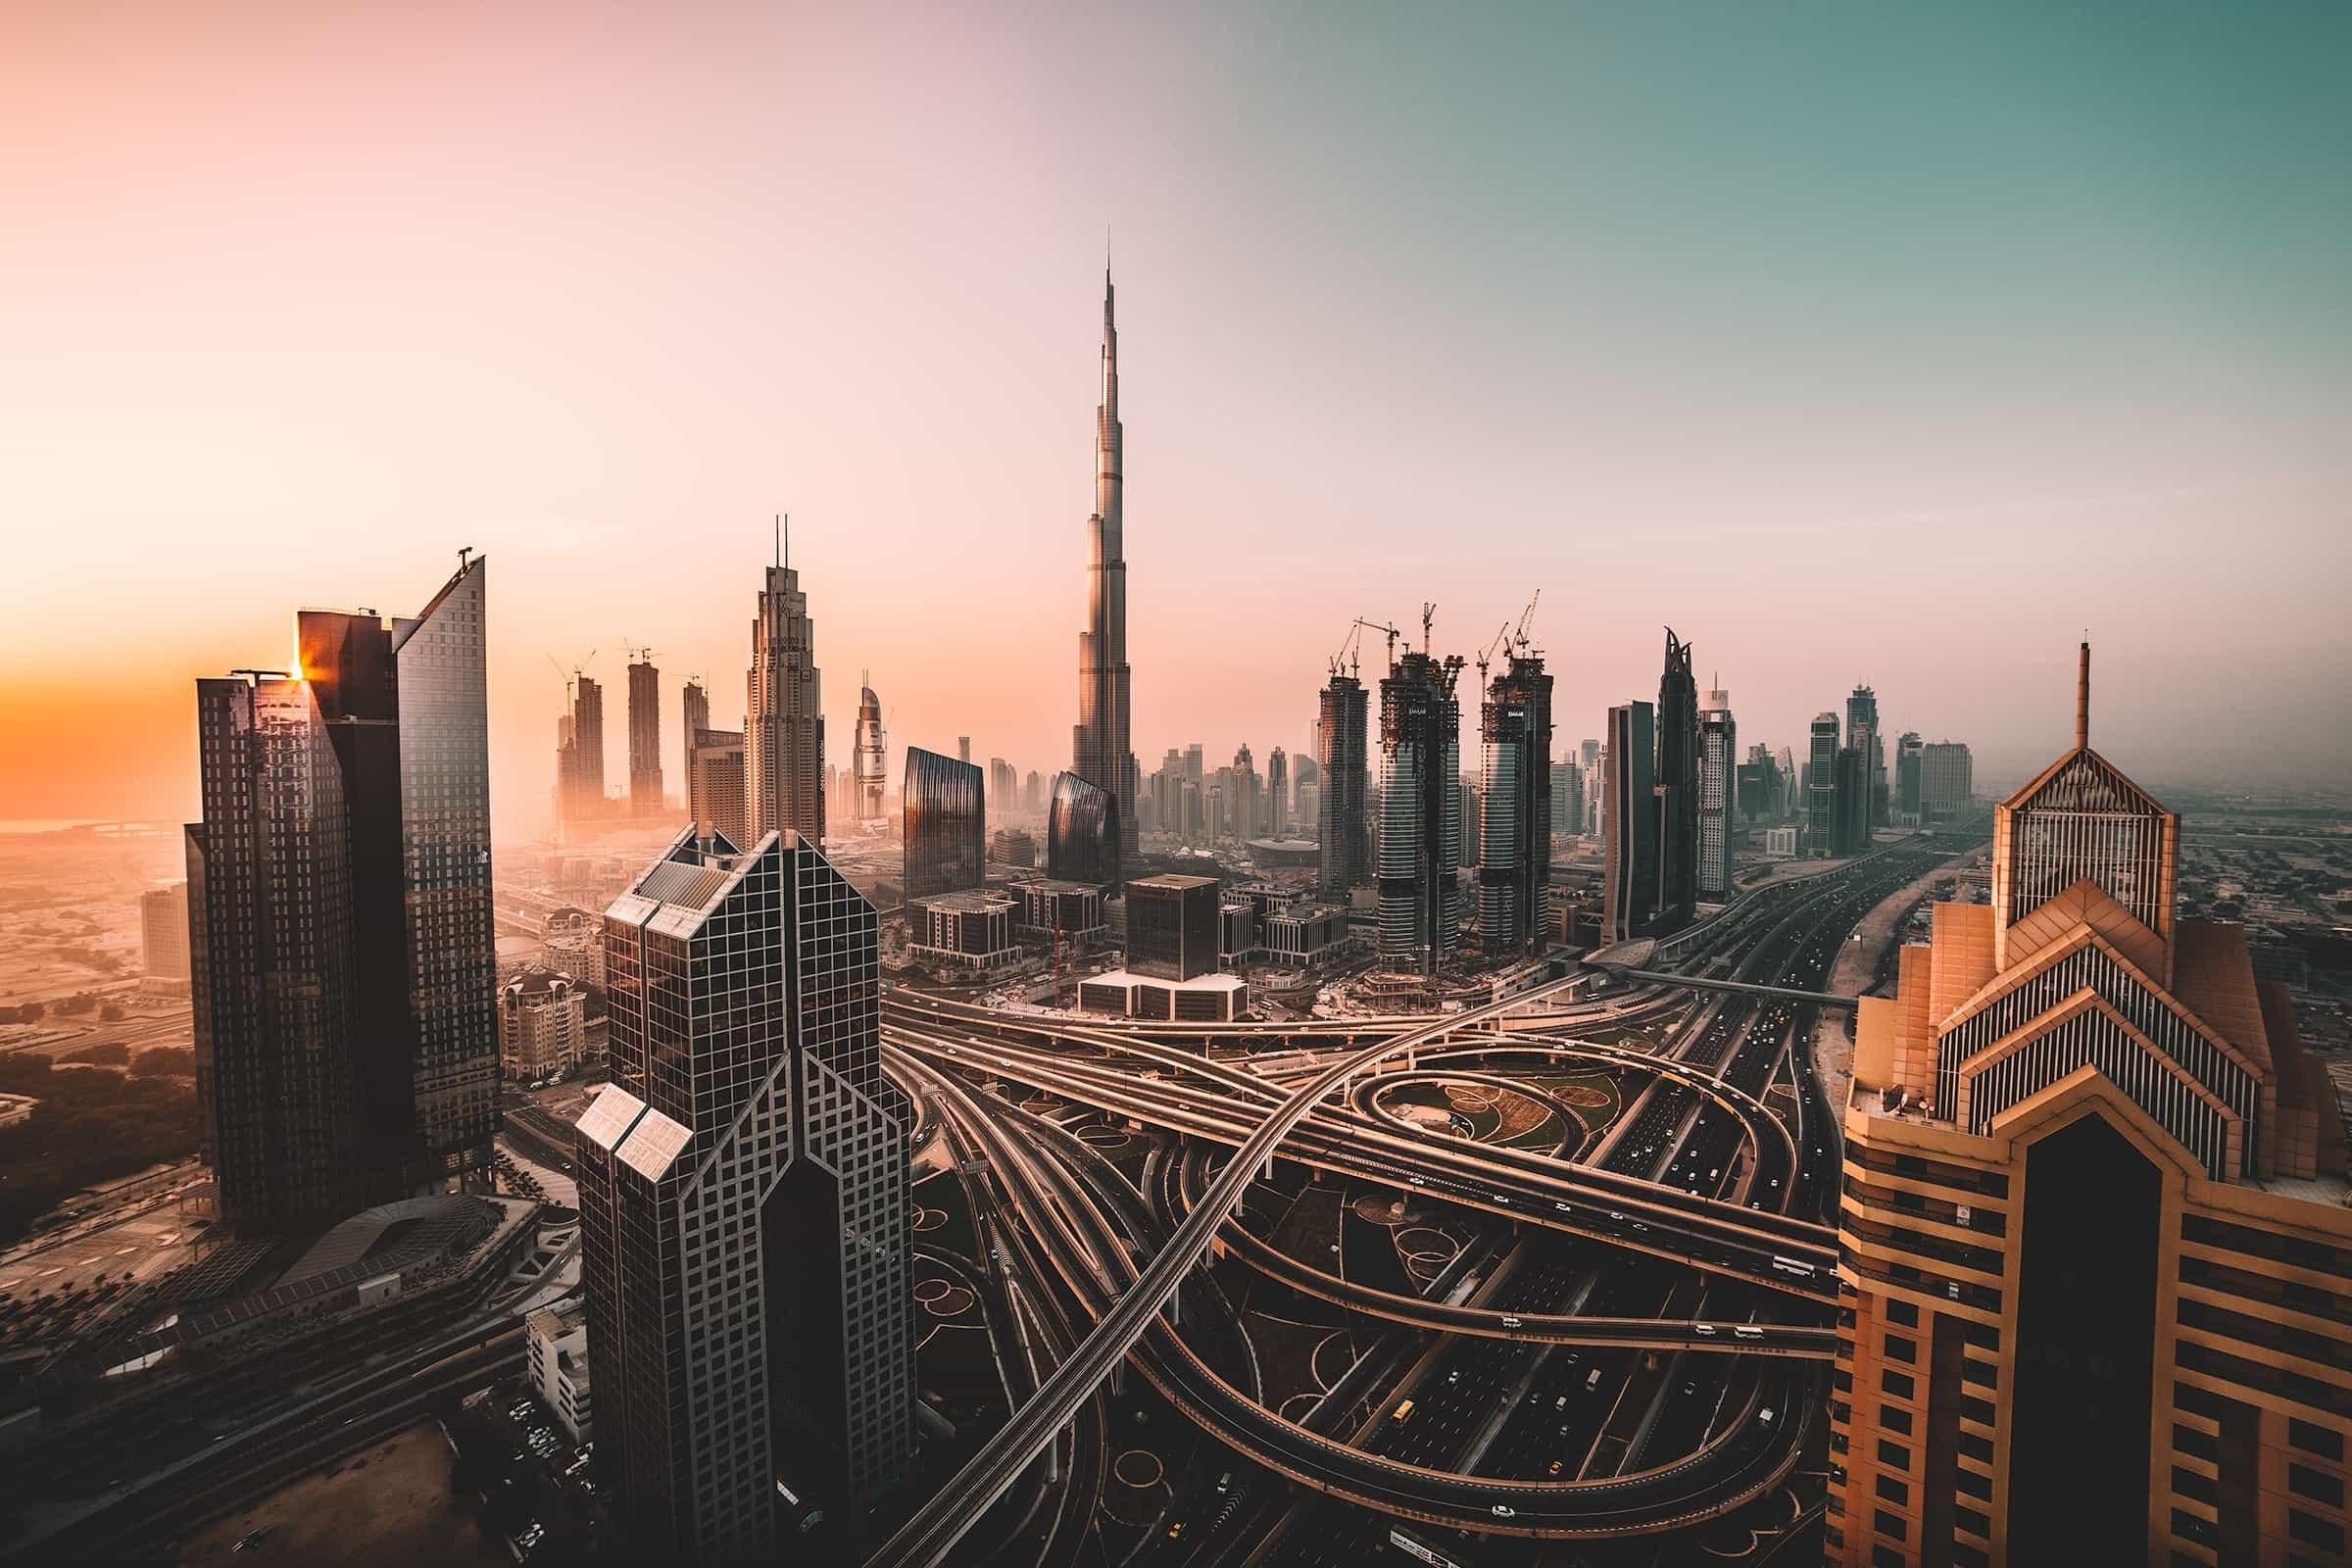 Konferenzdolmetscher für Arabisch